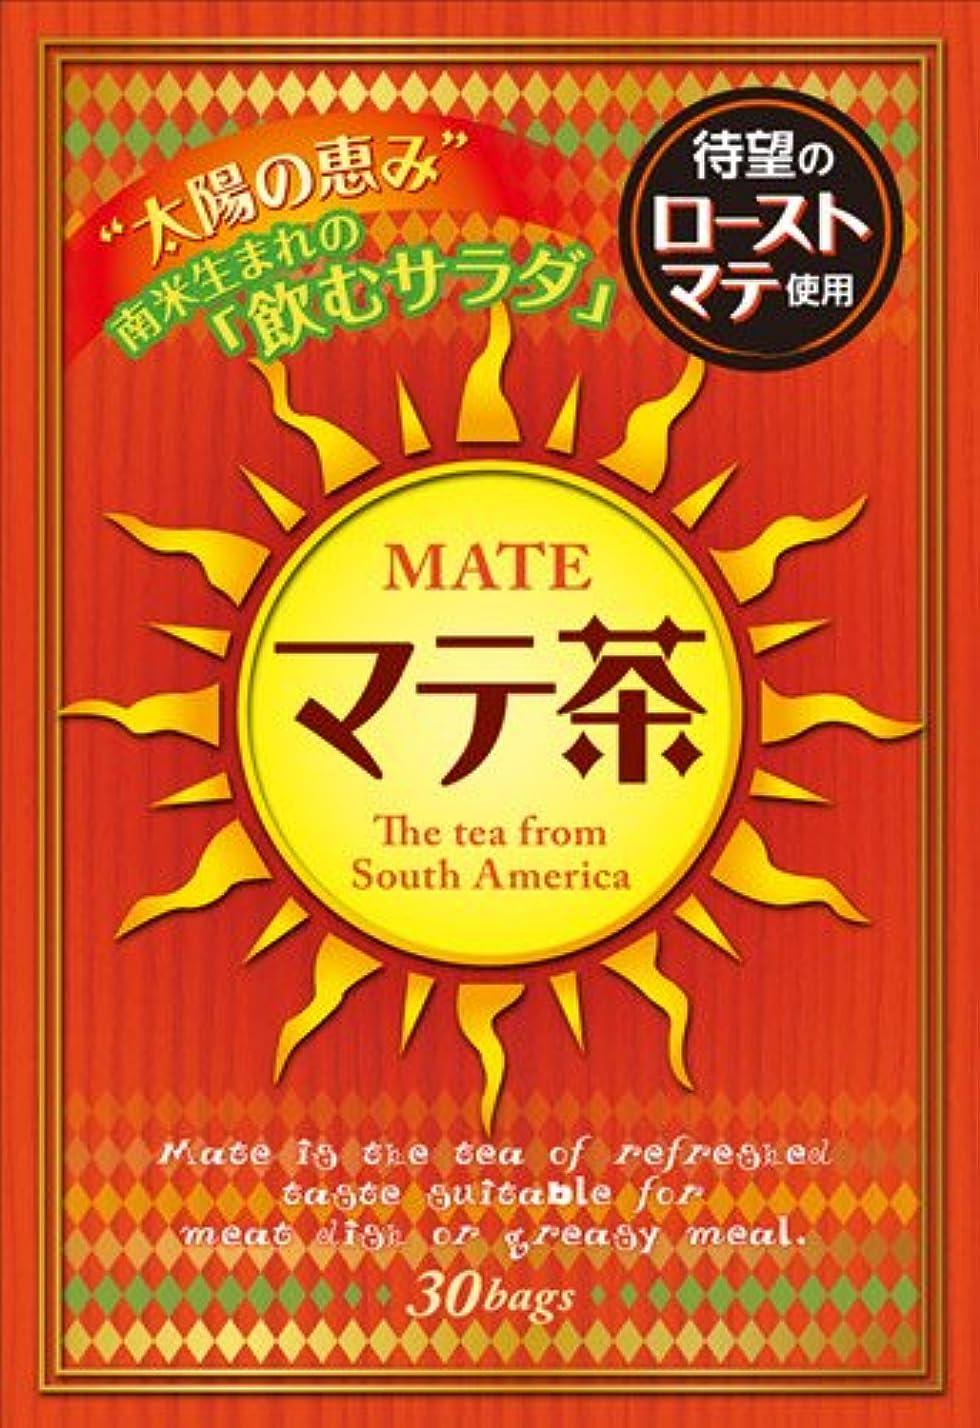 老人洞察力のある戦うマテ茶 2gX30包